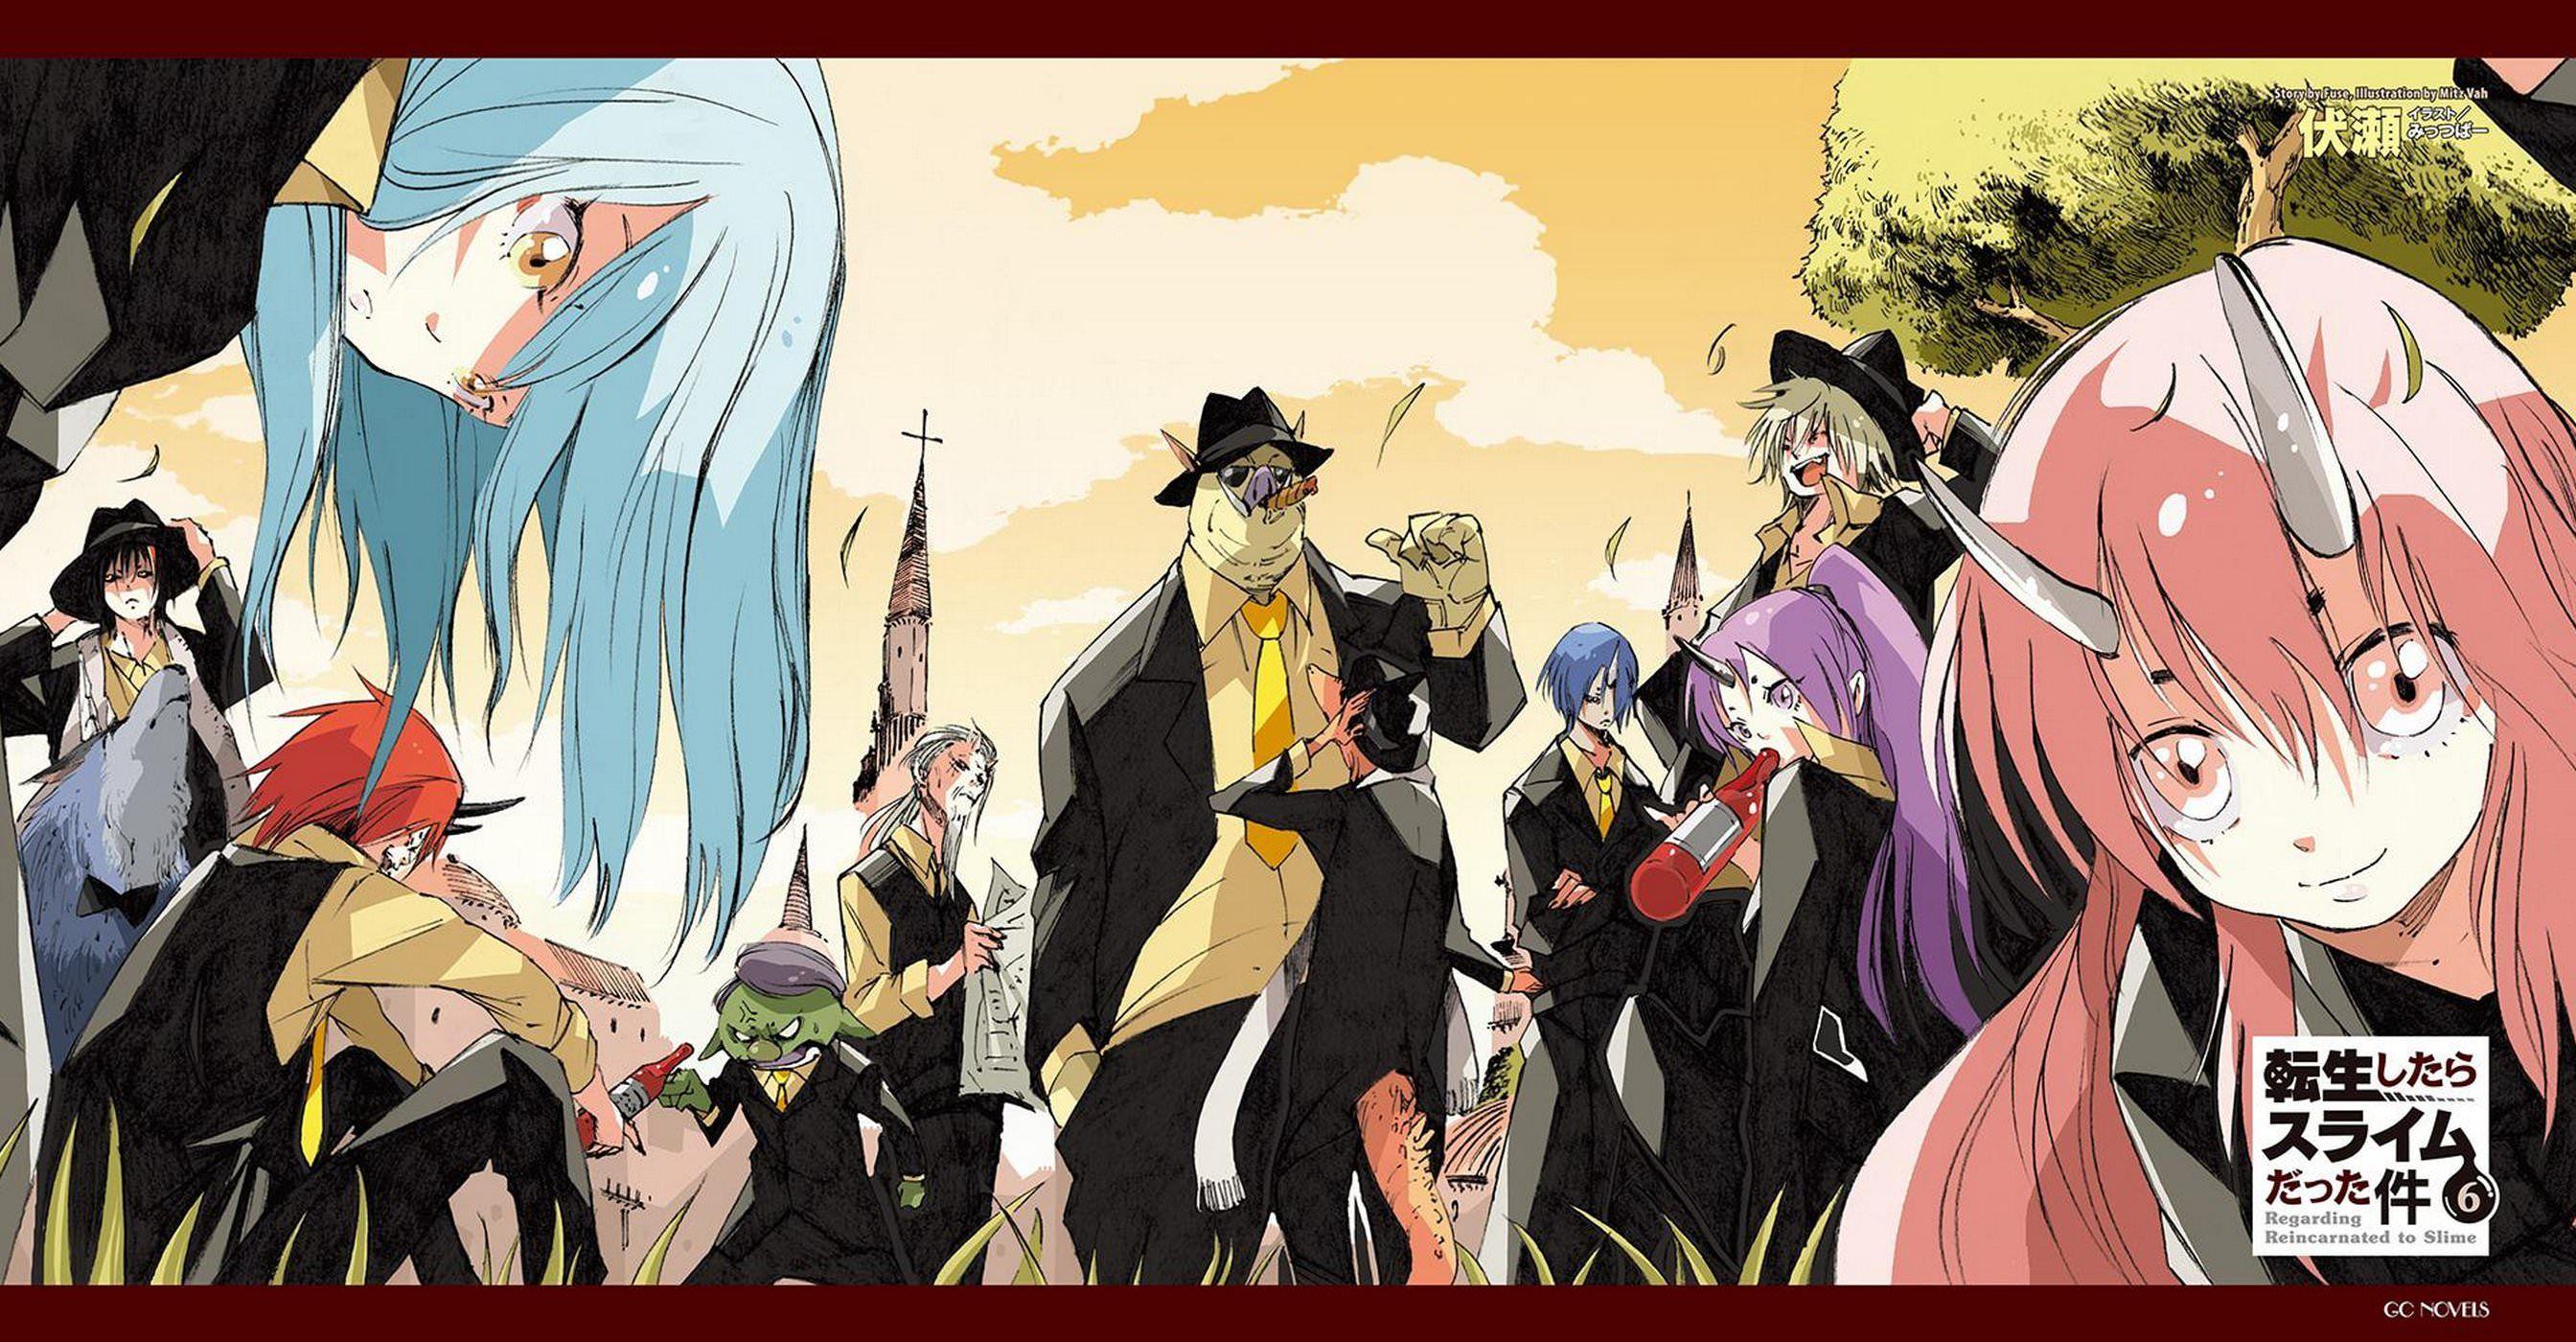 Tensei Shitara Slime Datta Ken Người minh họa, Anime và